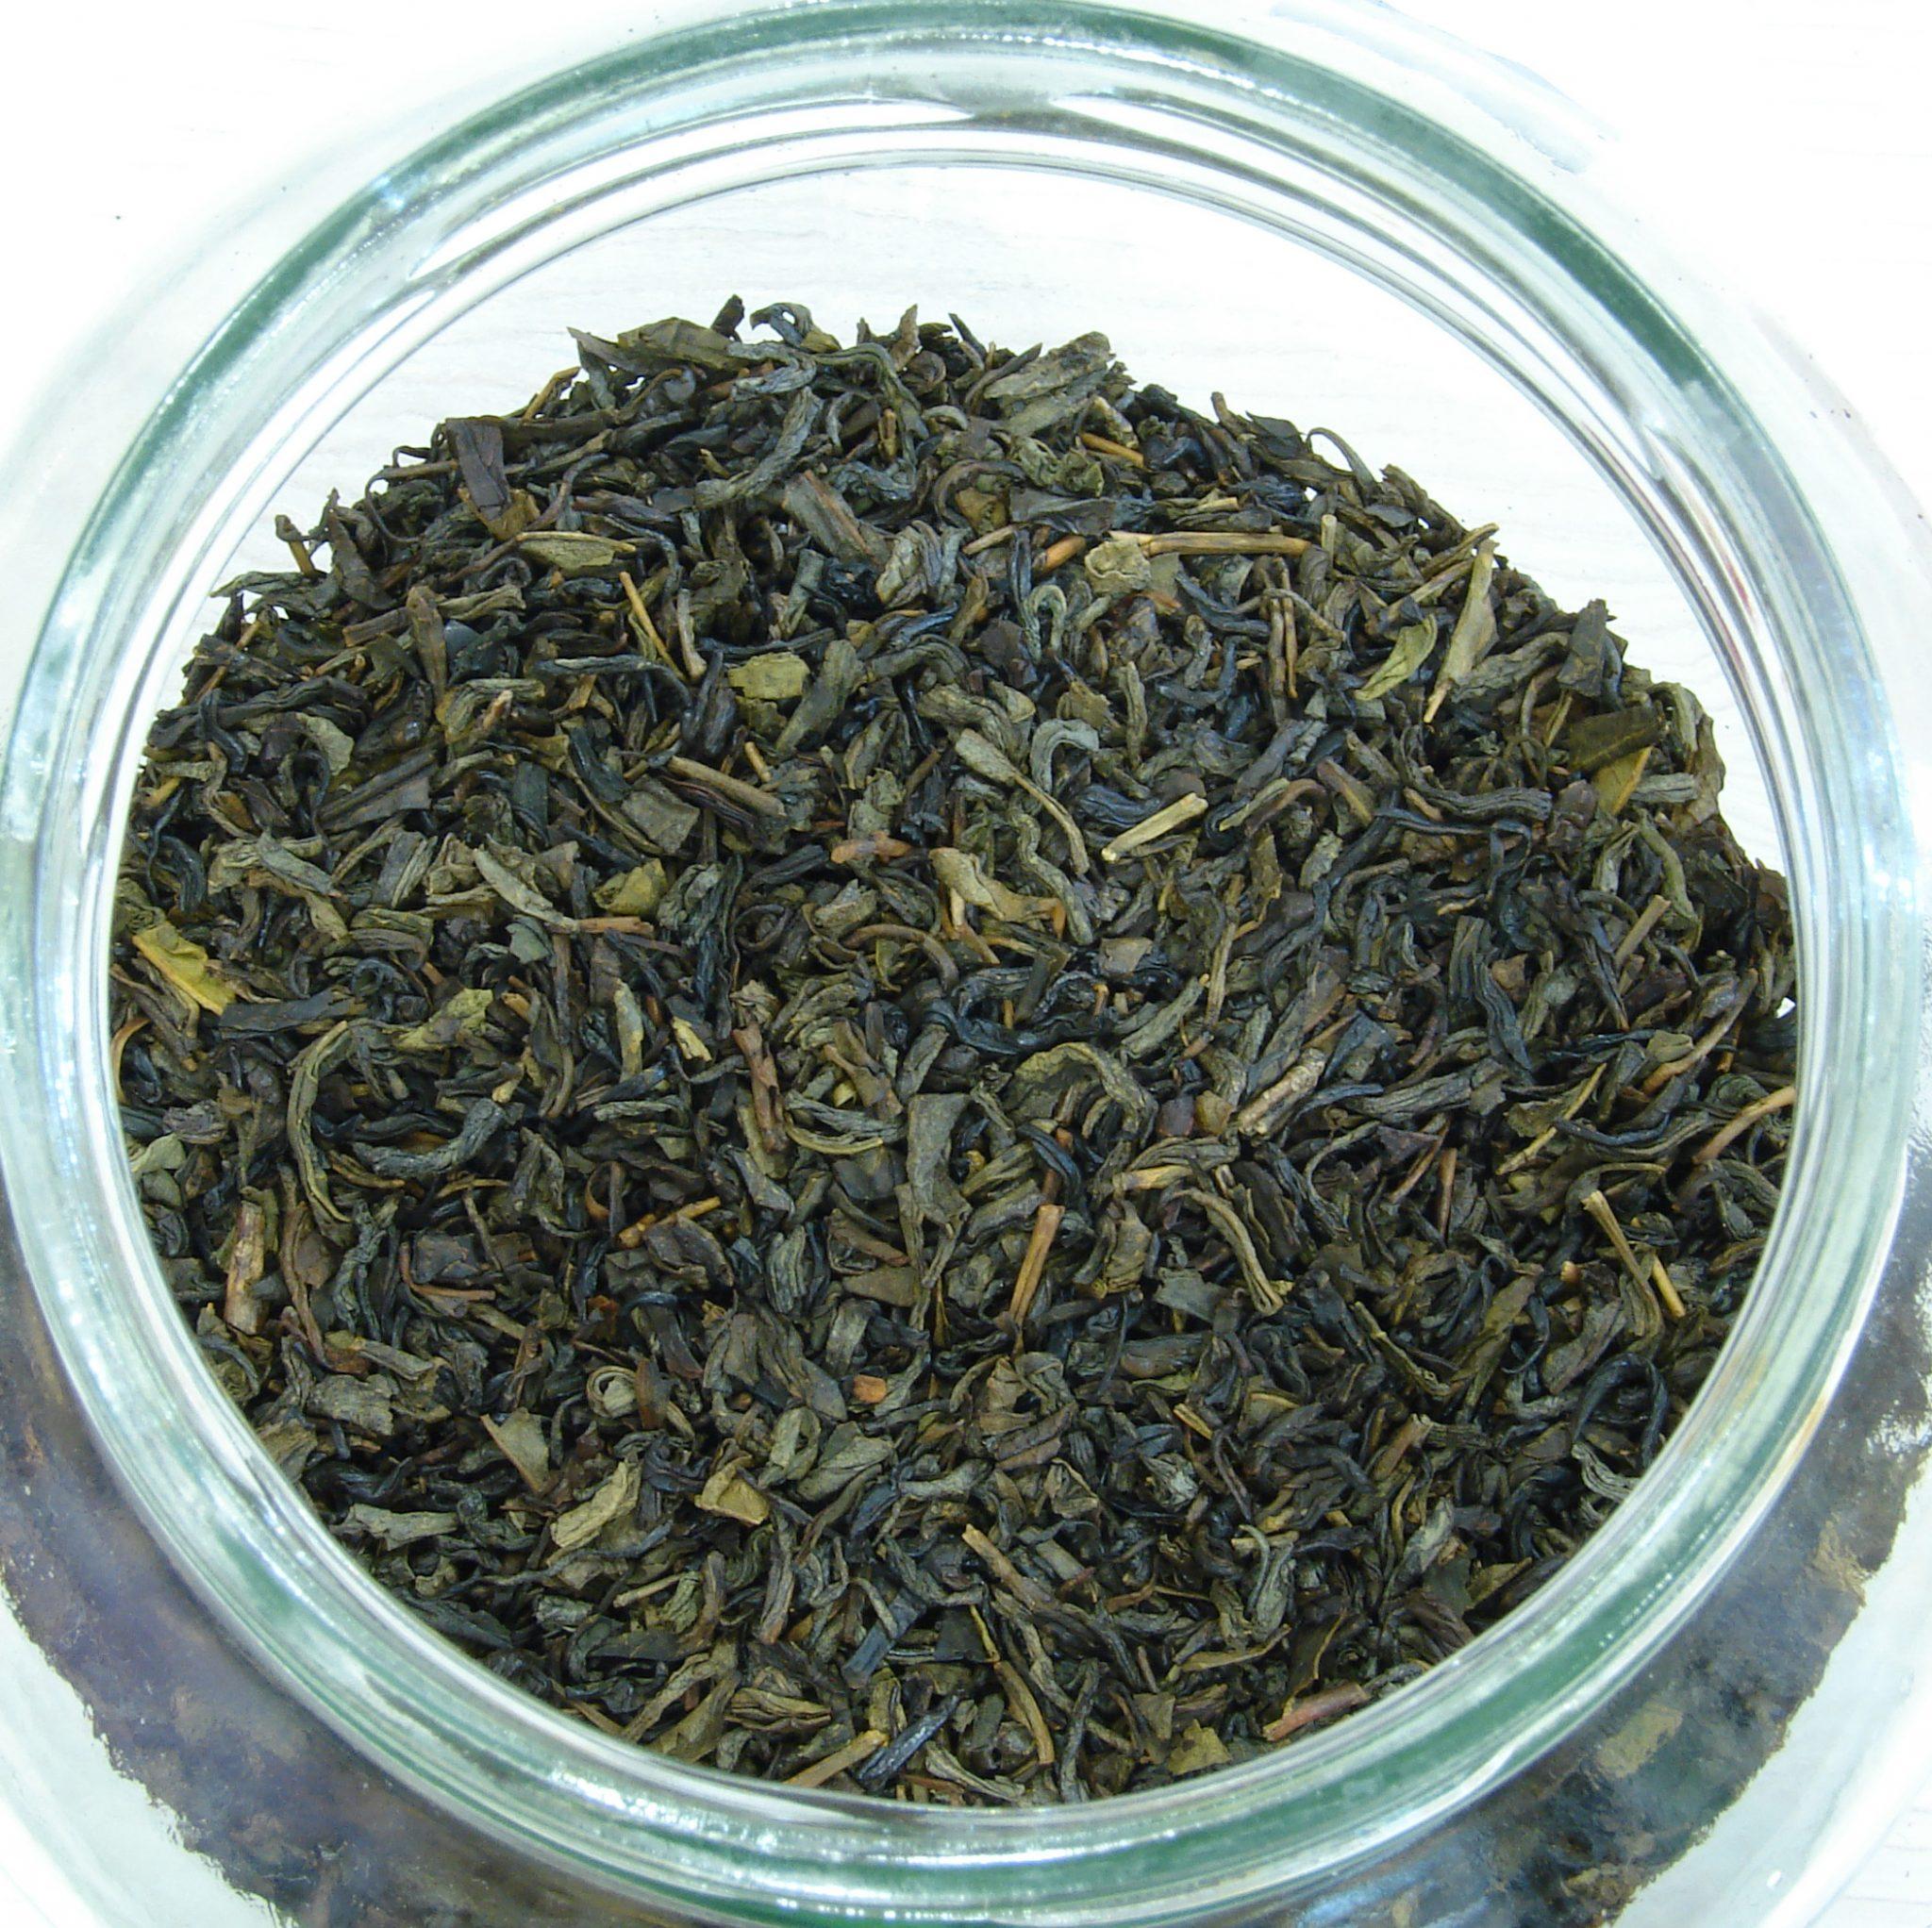 Πράσινο τσάι - Mέλι κανέλα καρύδα